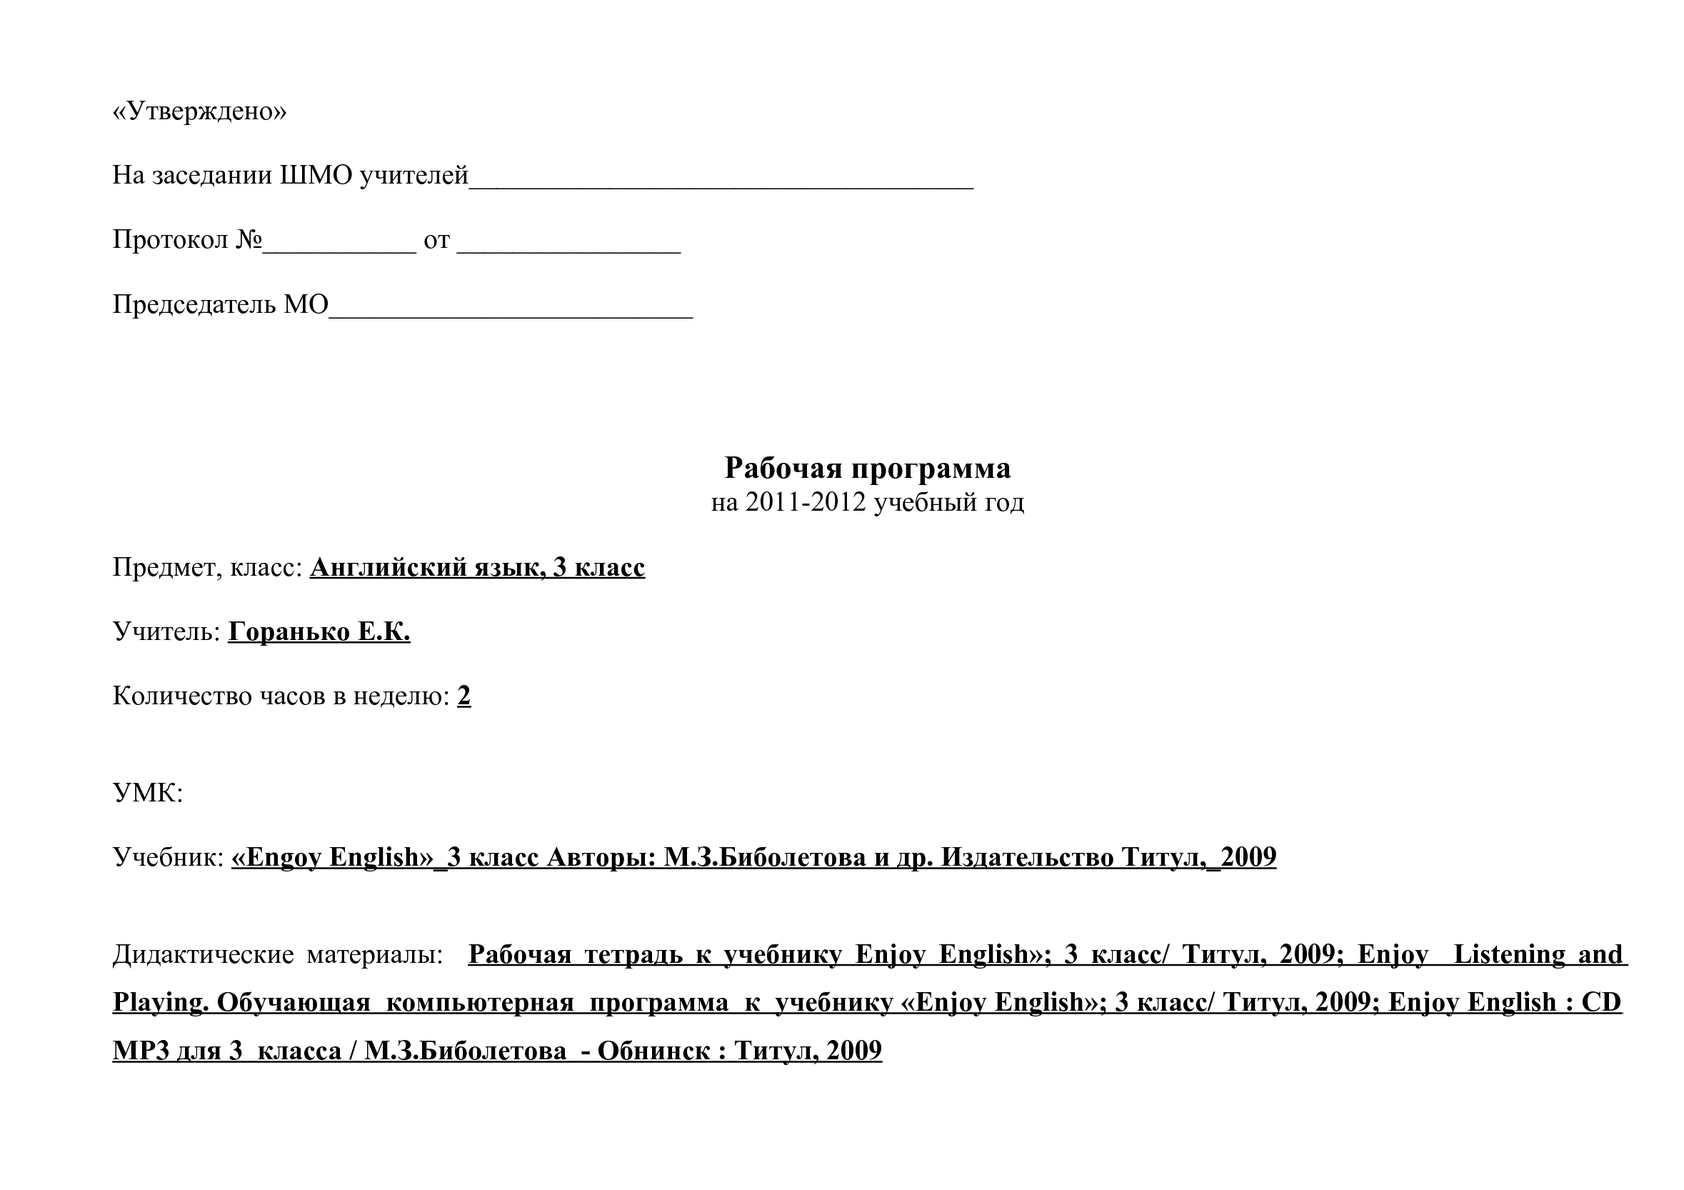 Рабочая программа по учебнику биболетовой м.з к умк enjoy english 7-8 класс